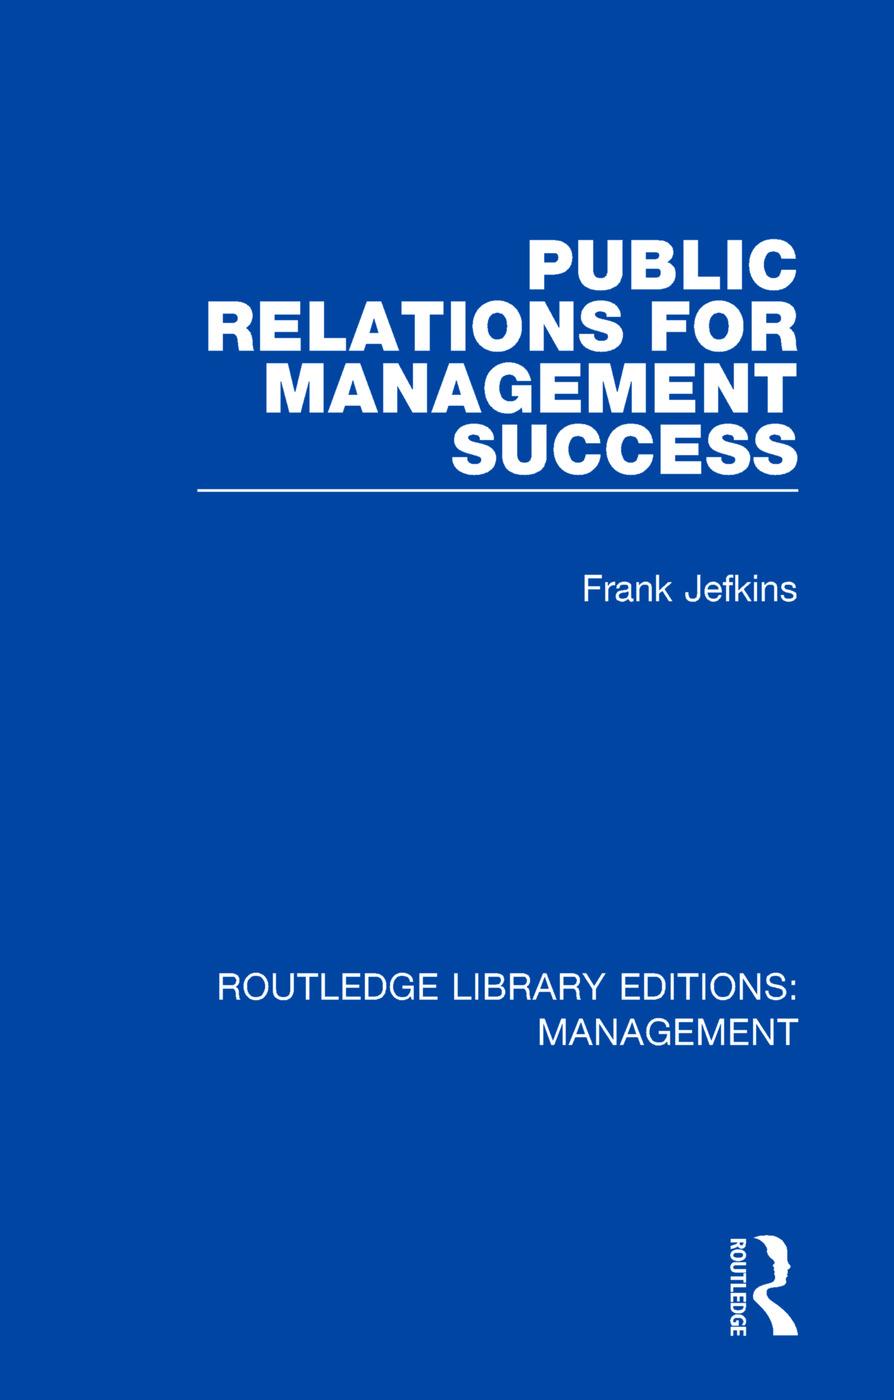 Public Relations for Management Success